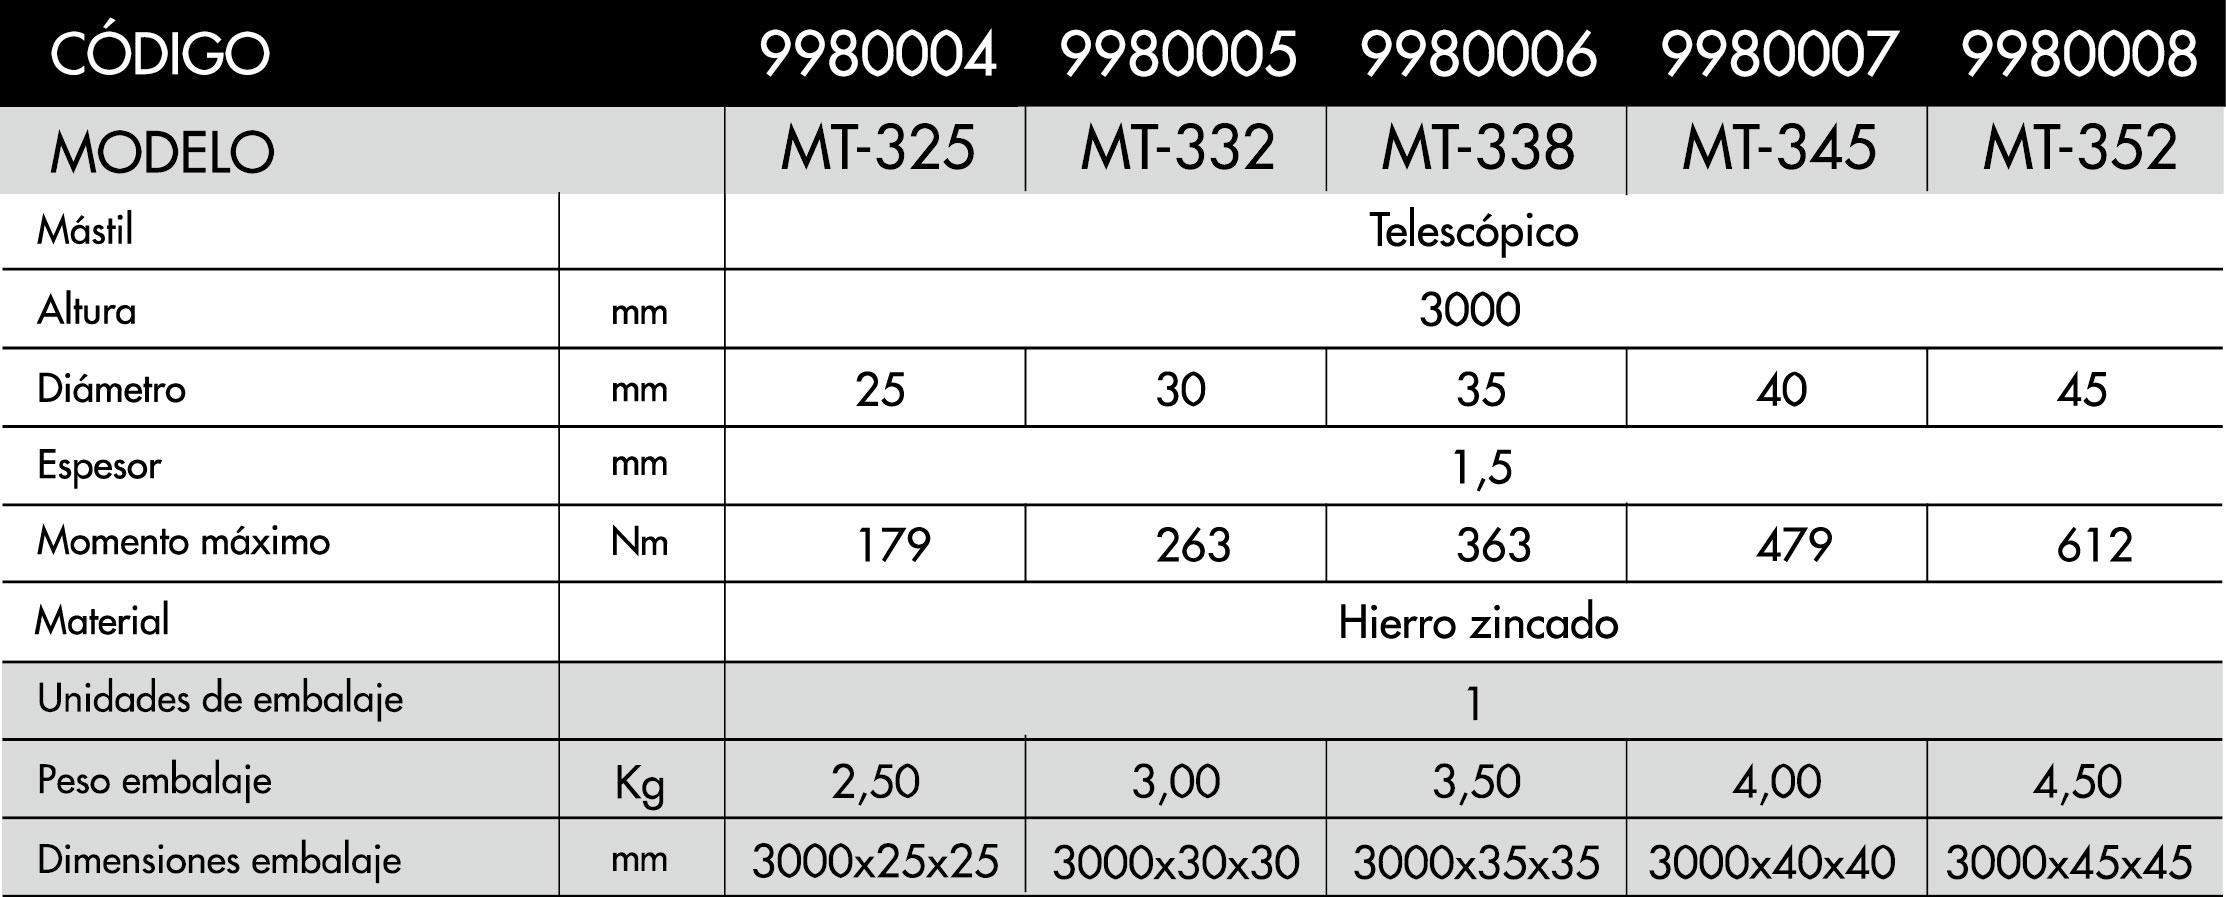 9980006-tablaES.jpg